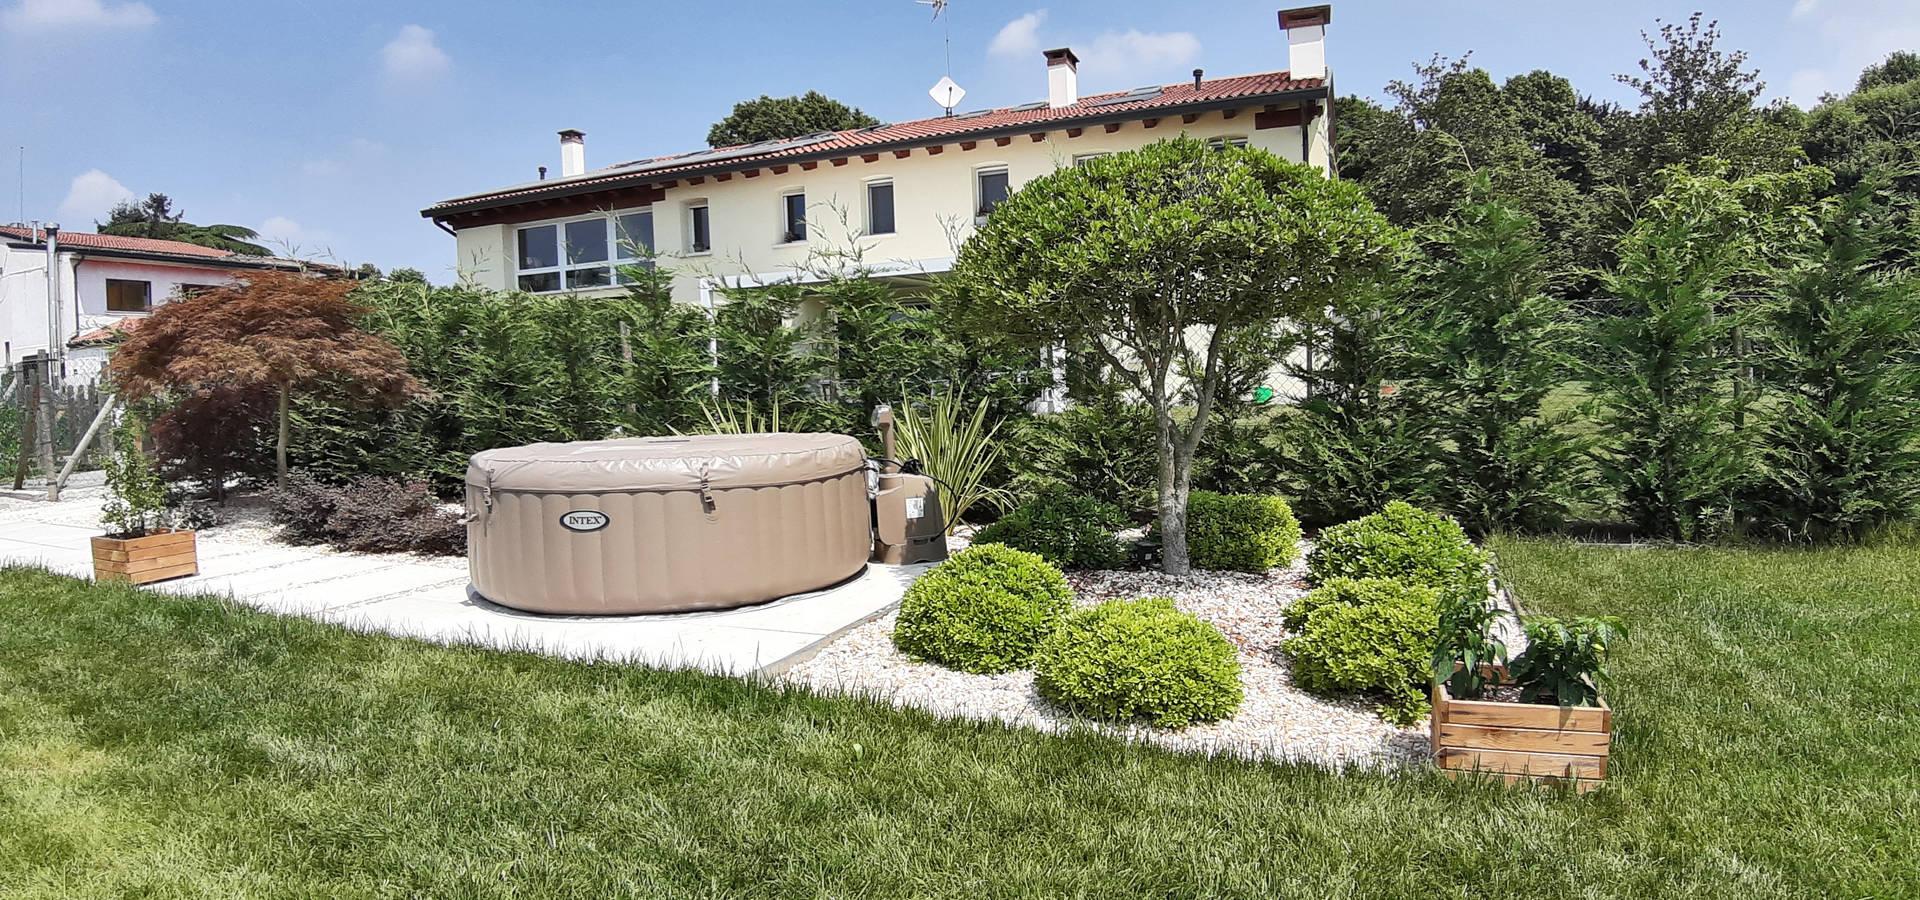 Mattia Boldrin Garden Design